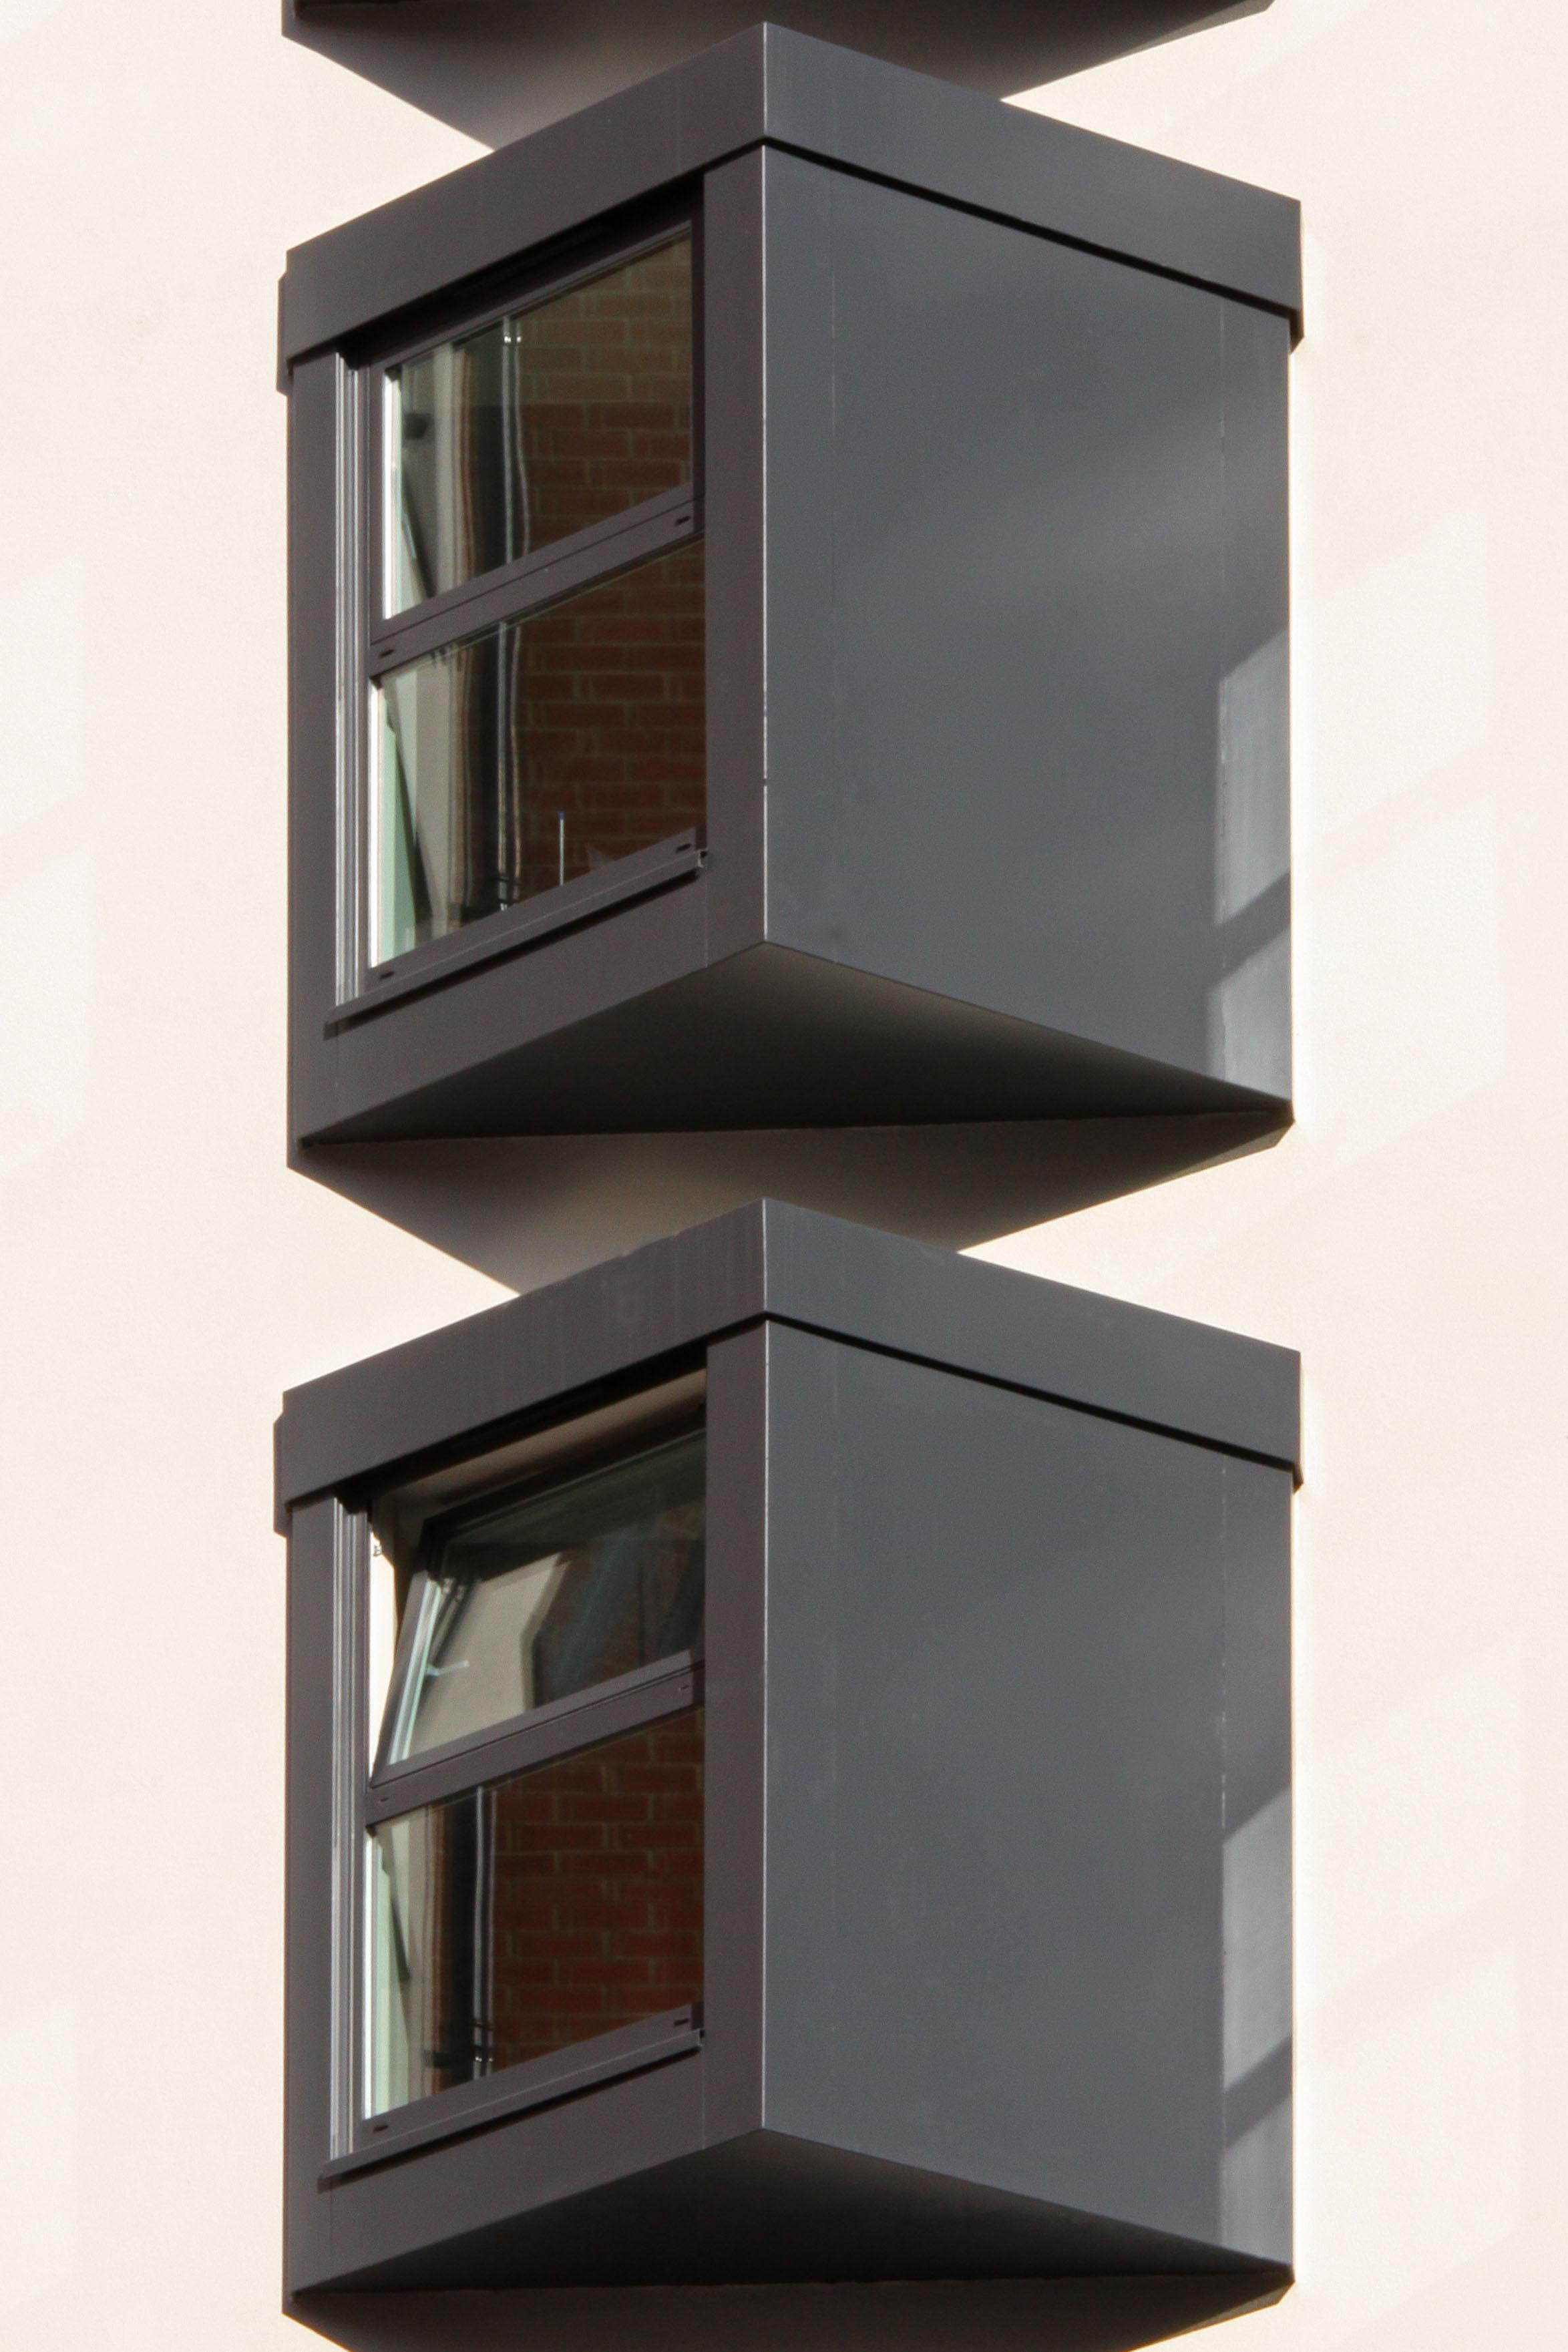 Essex architect